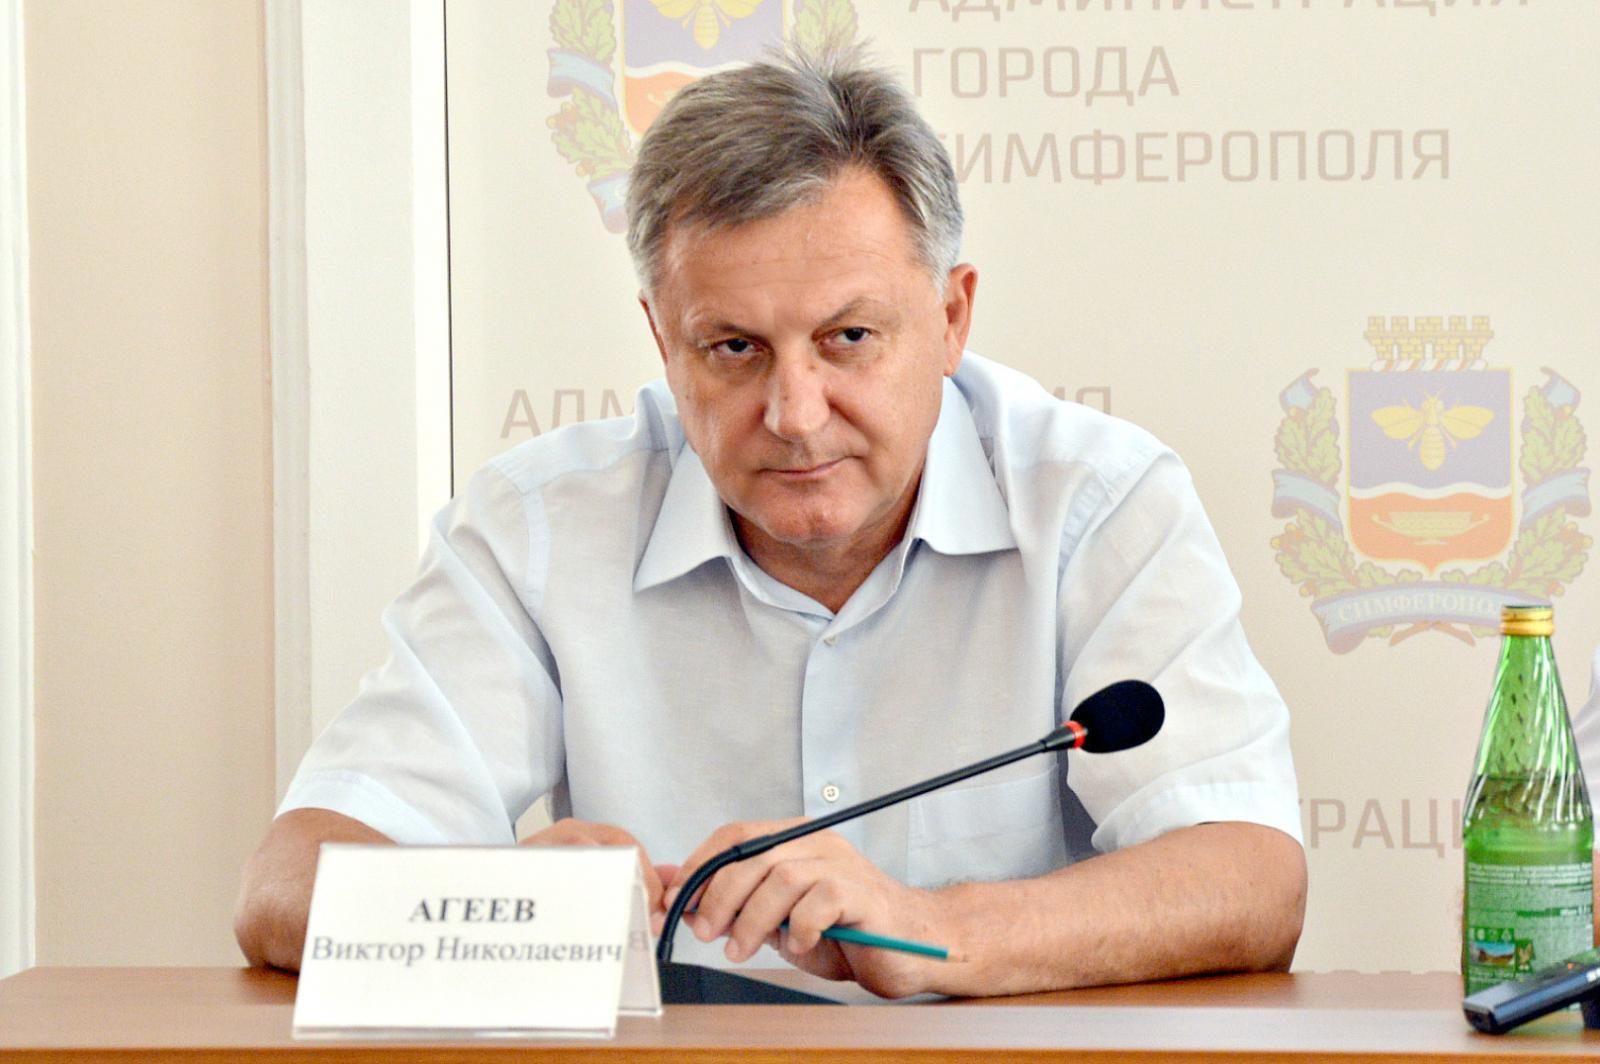 Брянск и Симферополь стали городами-побратимами